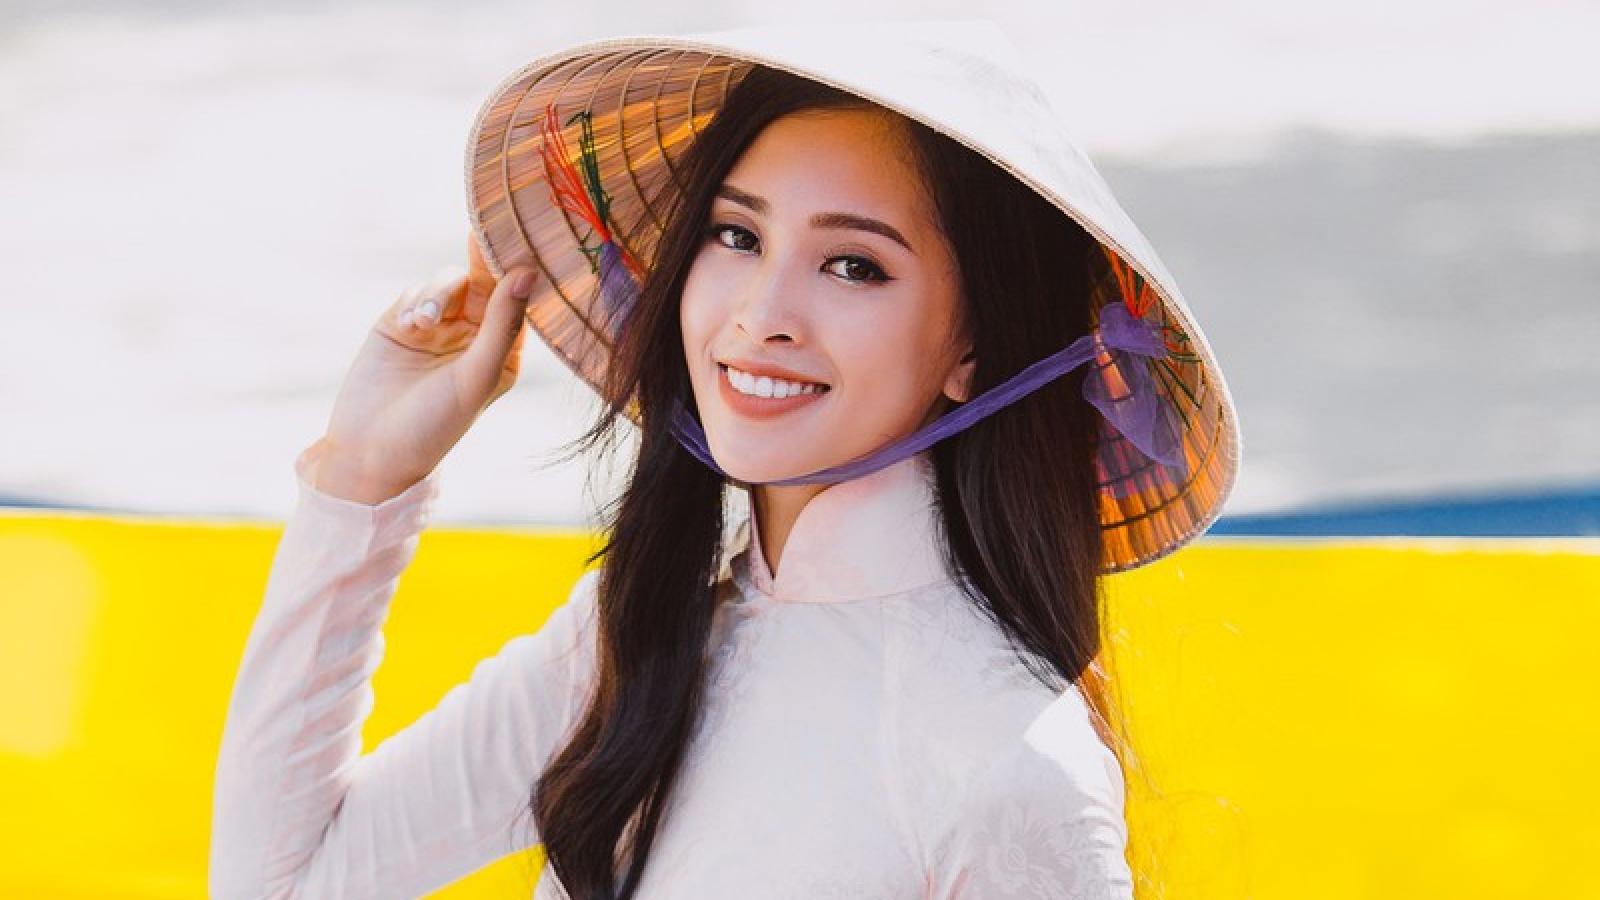 Hoa hậu Tiểu Vy ủng hộ Đà Nẵng 200 triệu đồng chống dịch Covid-19